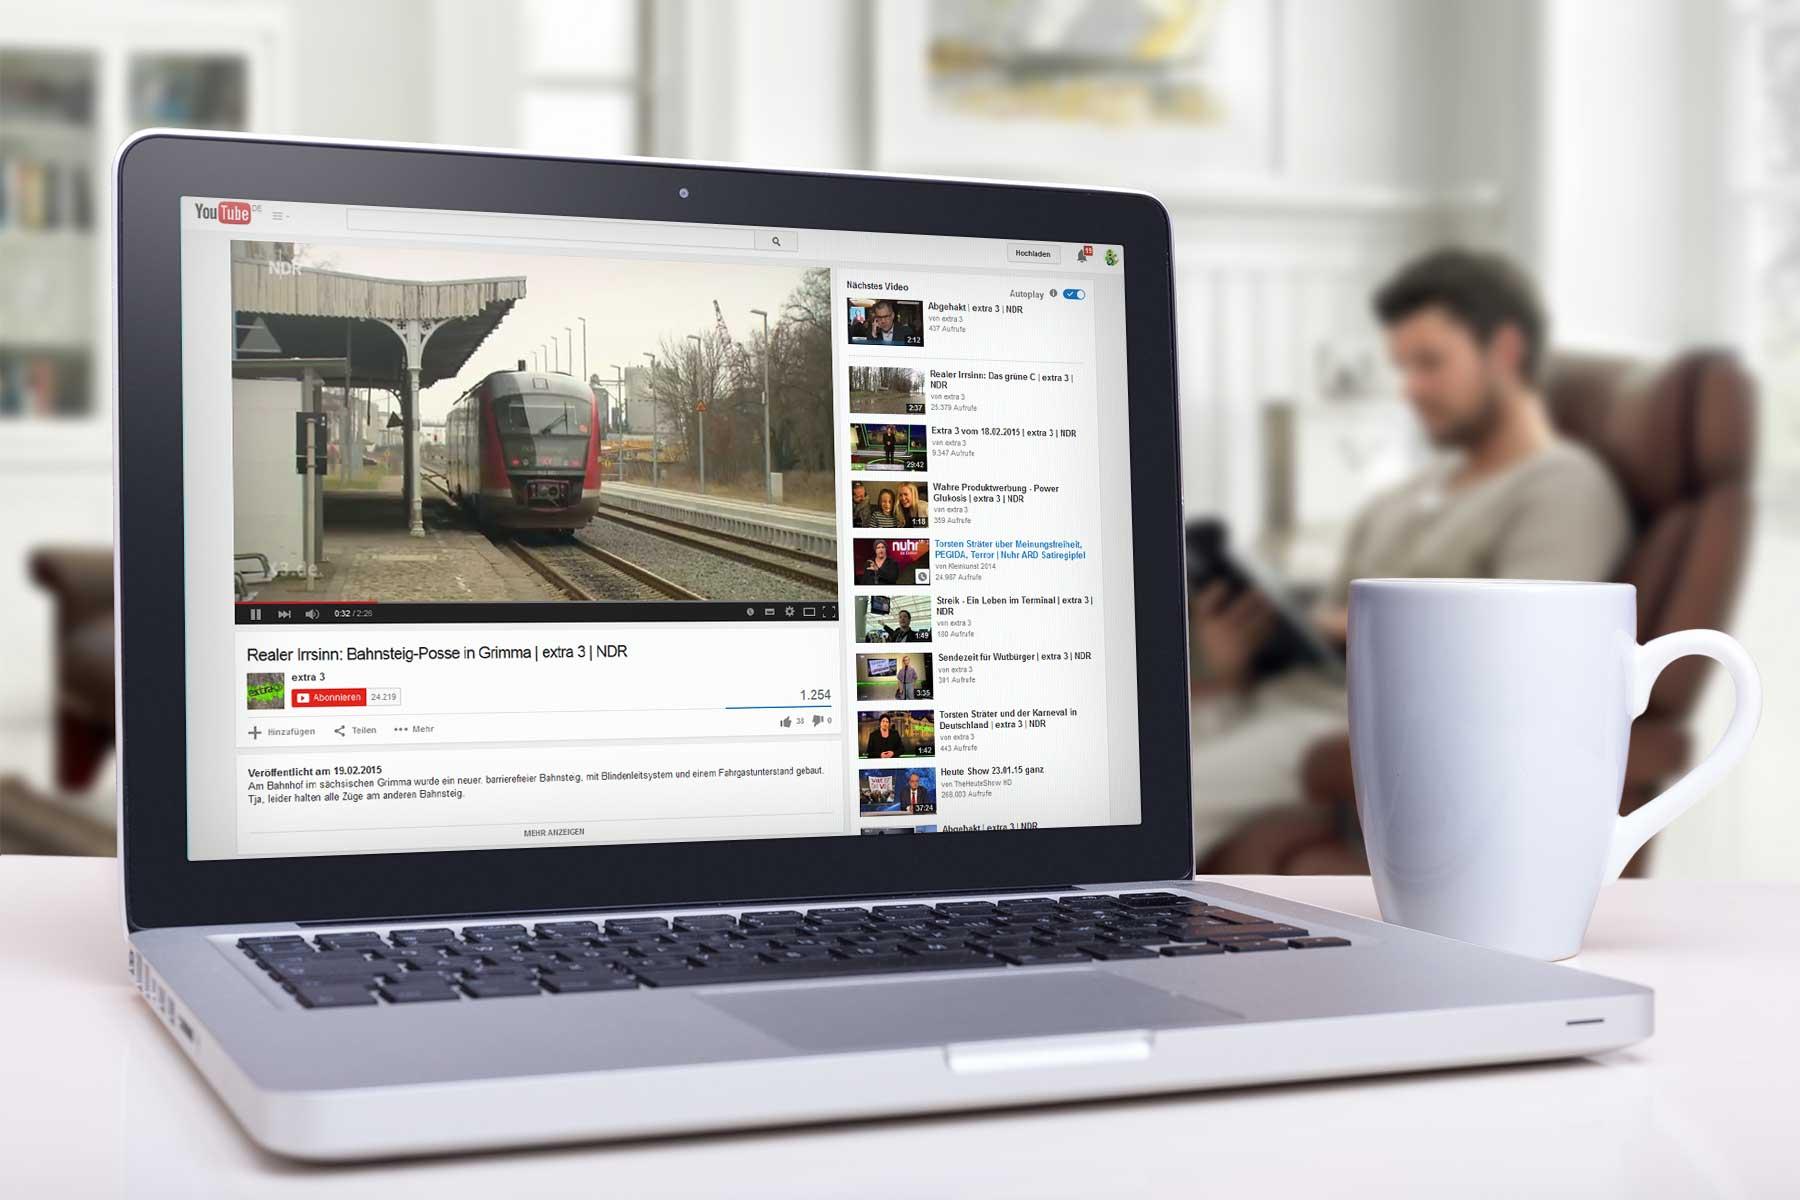 In Grimma wurde für 200.000 Euro ein neuer Bahnsteig errichtet - bleibt aber ungenutzt - Bildquelle: extra 3 / YouTube